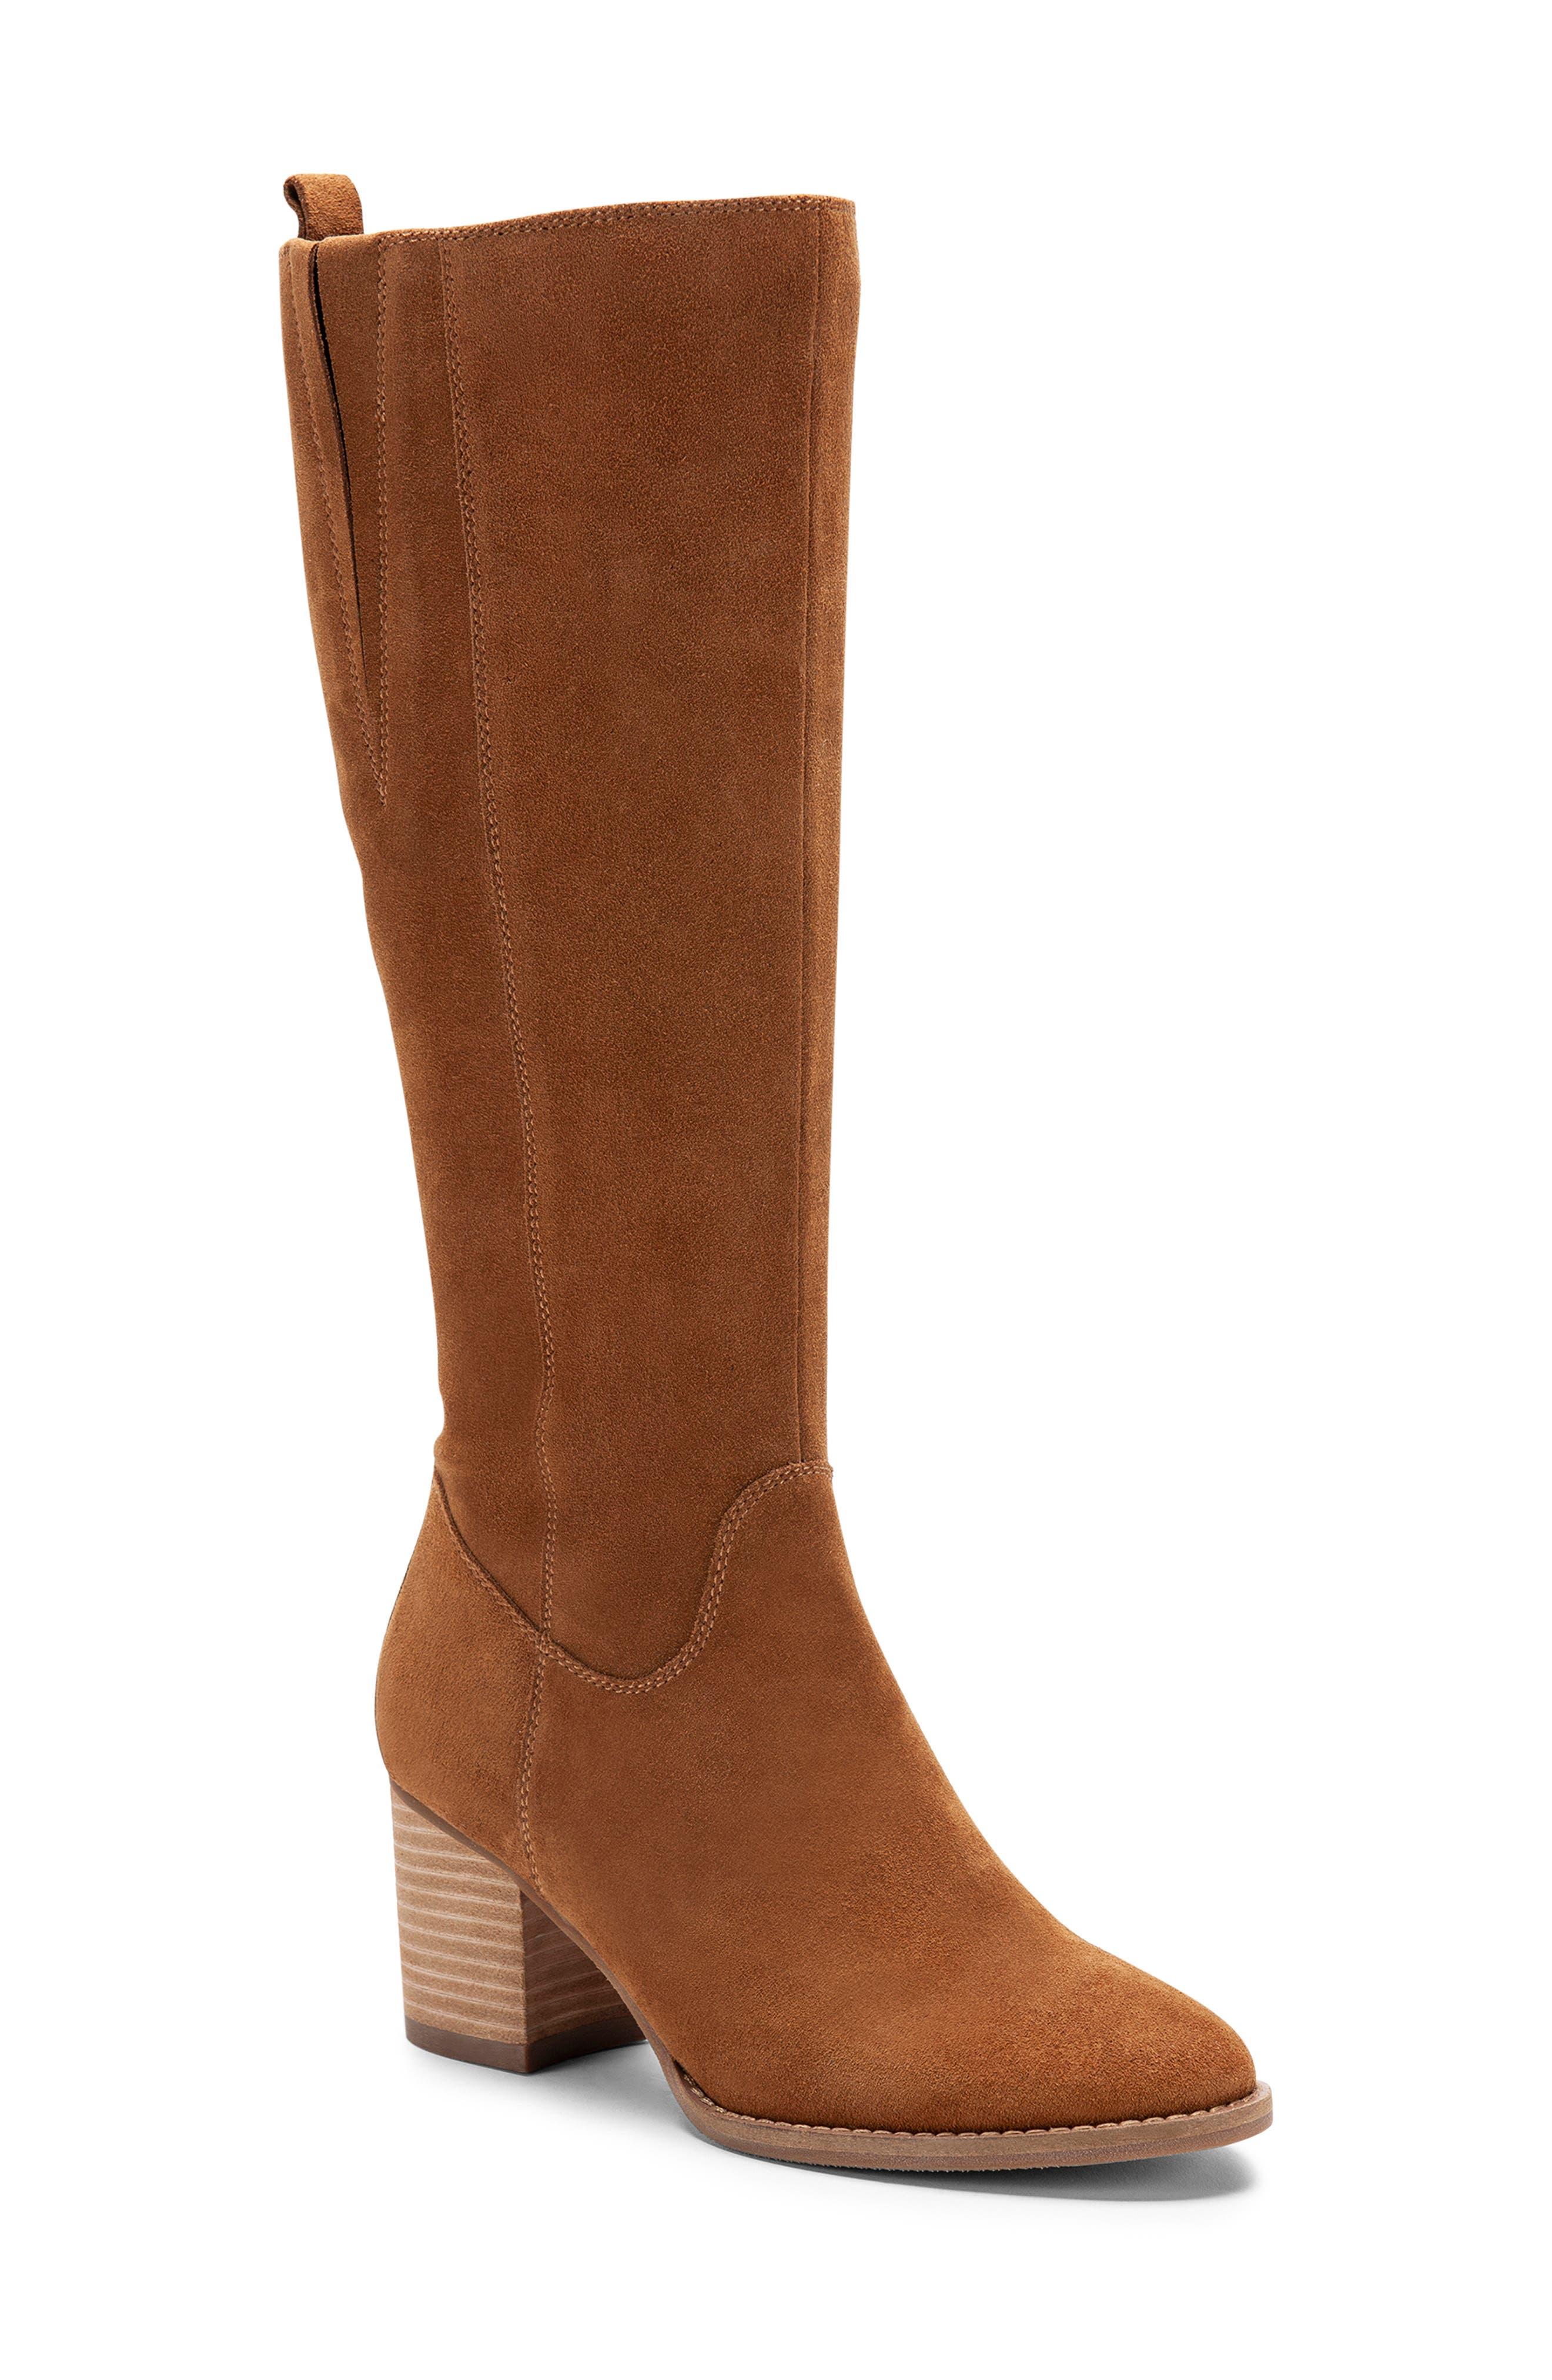 Blondo Nikki Waterproof Knee High Waterproof Boot, Brown